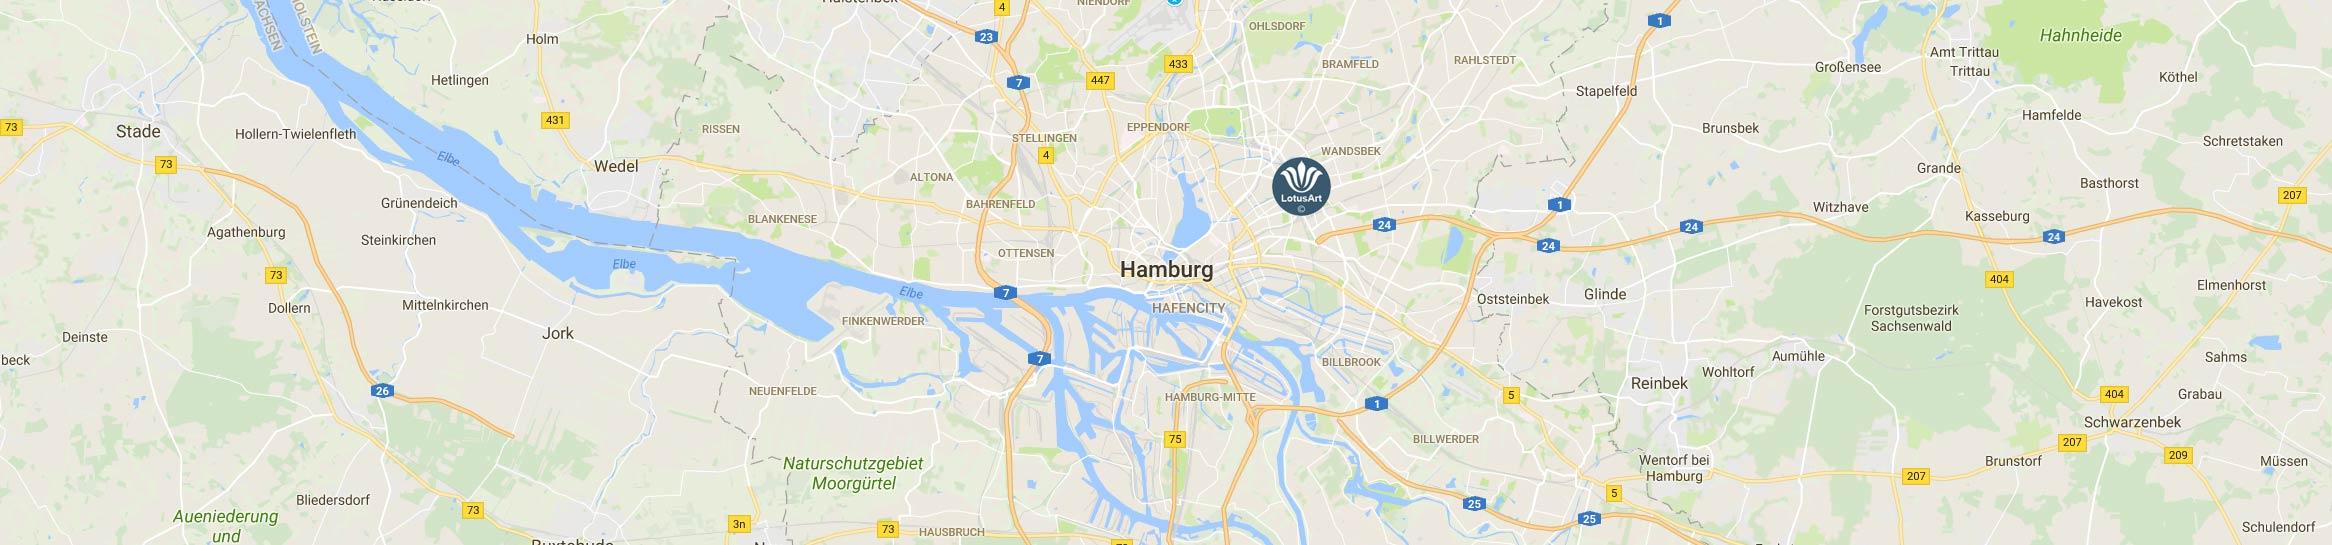 map_lotusart_kontakt LotusArt Contact